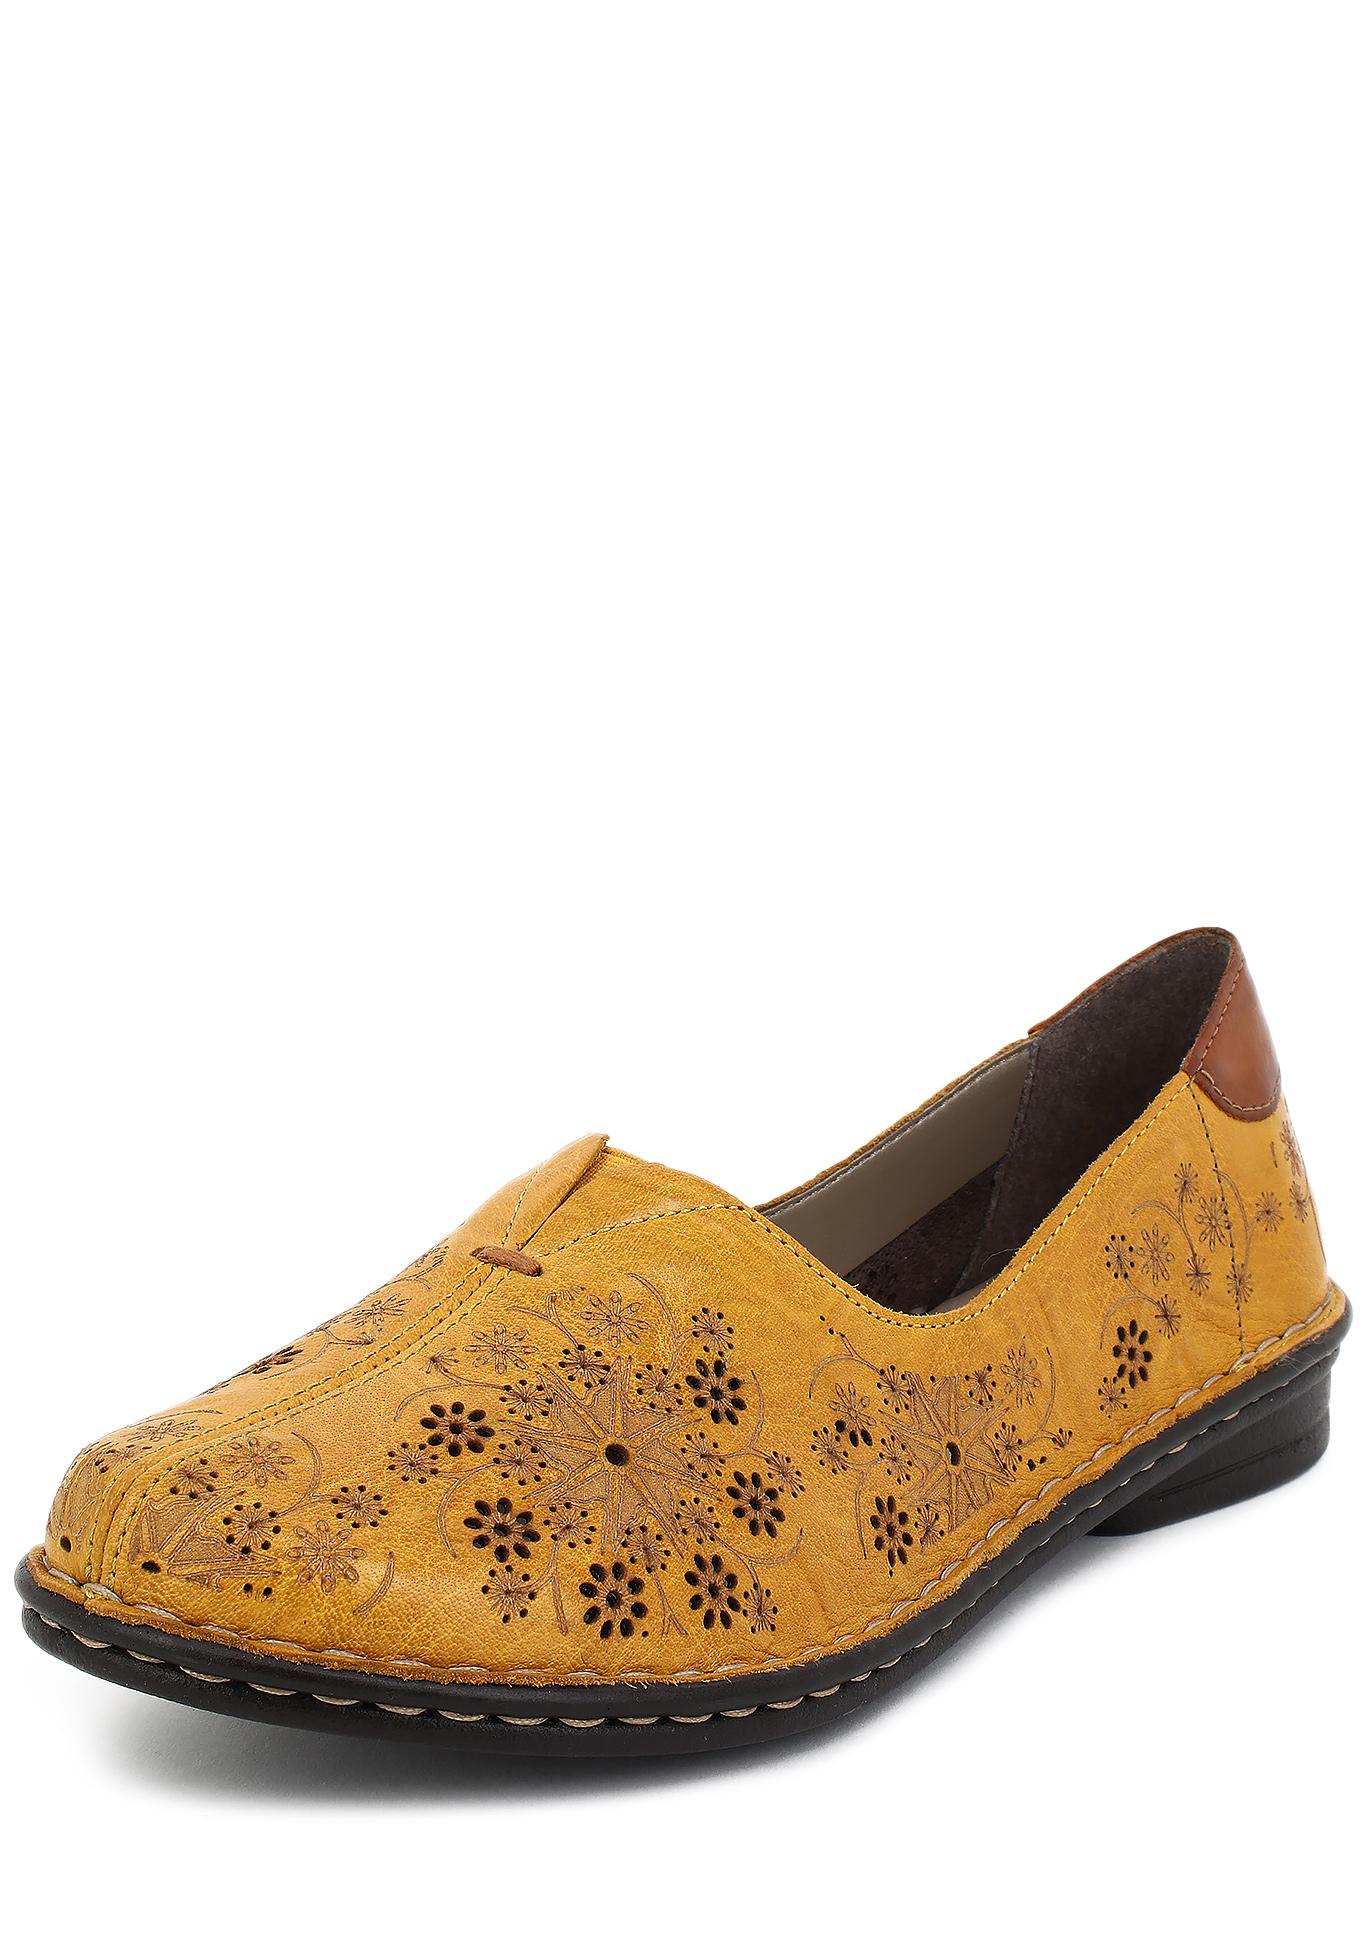 Туфли женские Лана